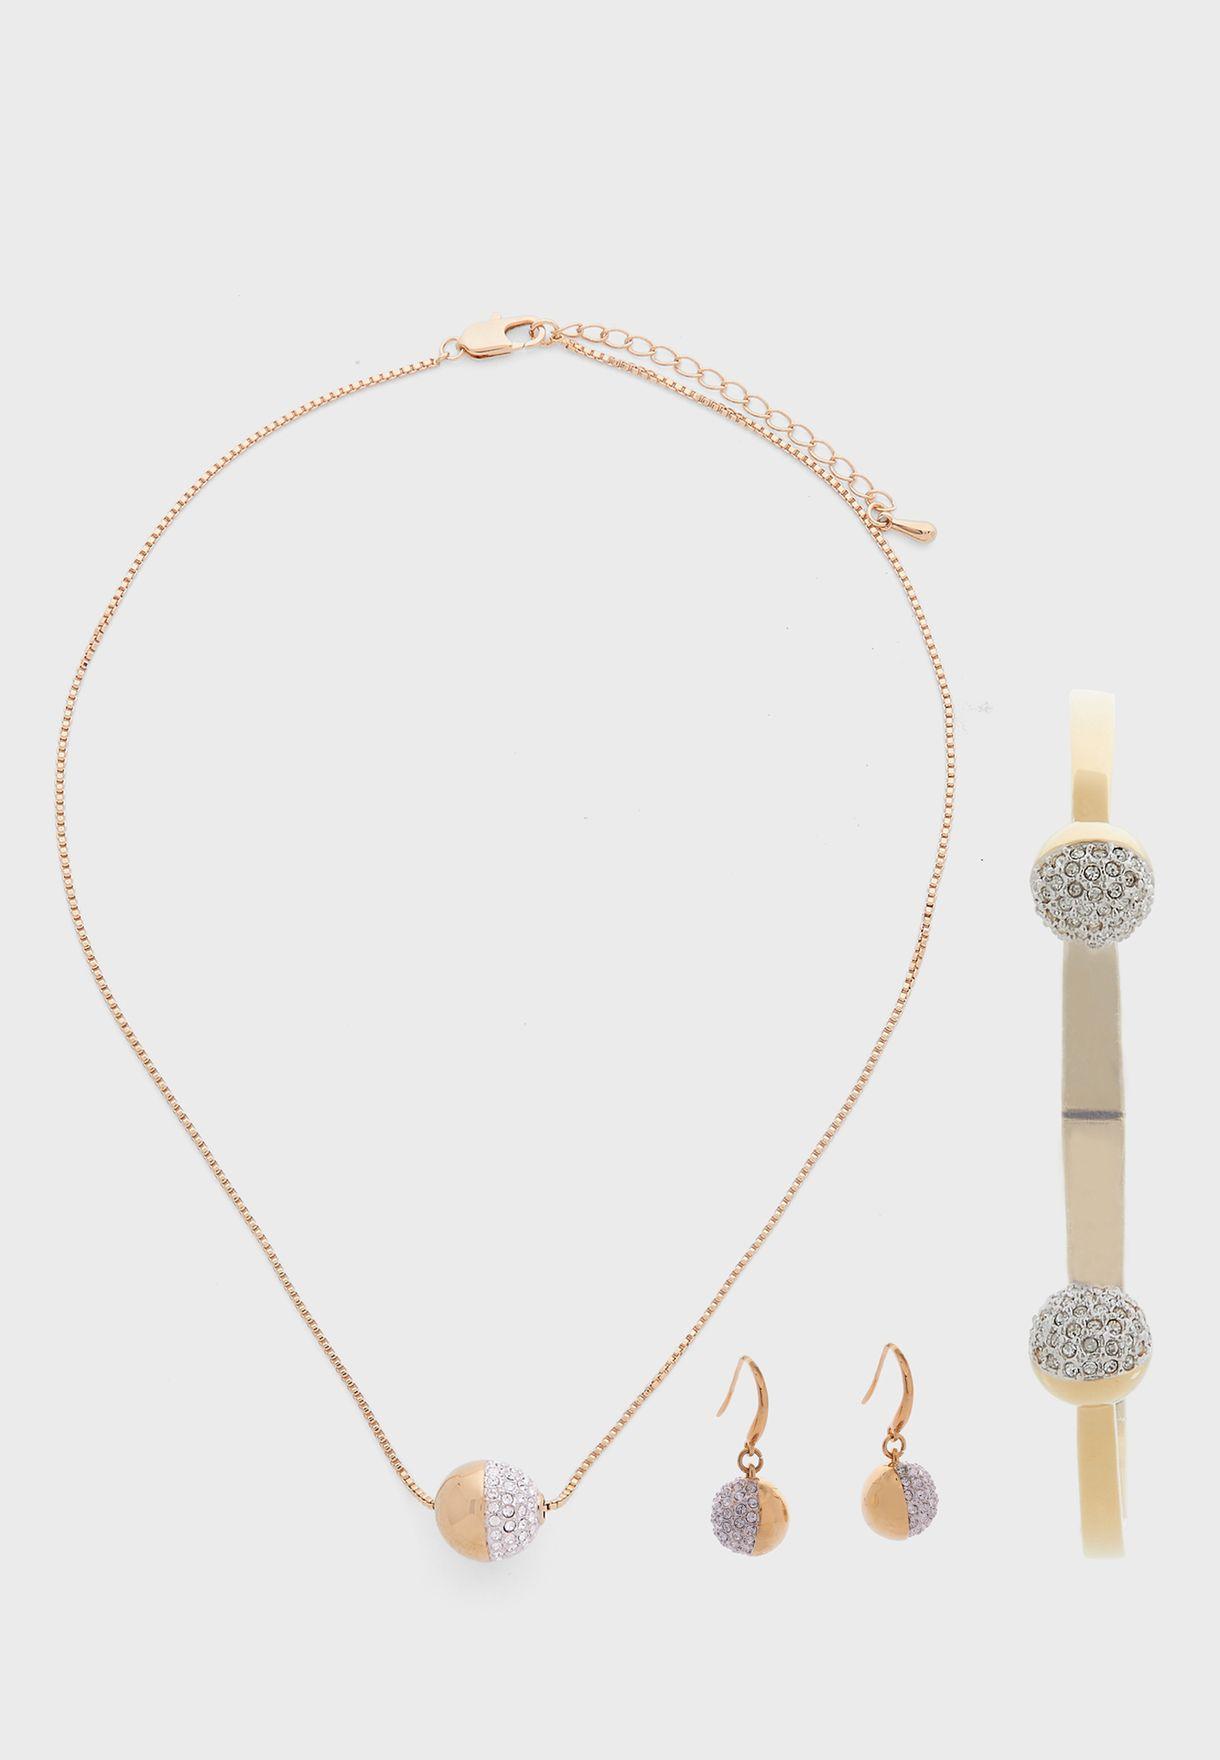 Greenwich Necklace+Earrings+Bracelet Set